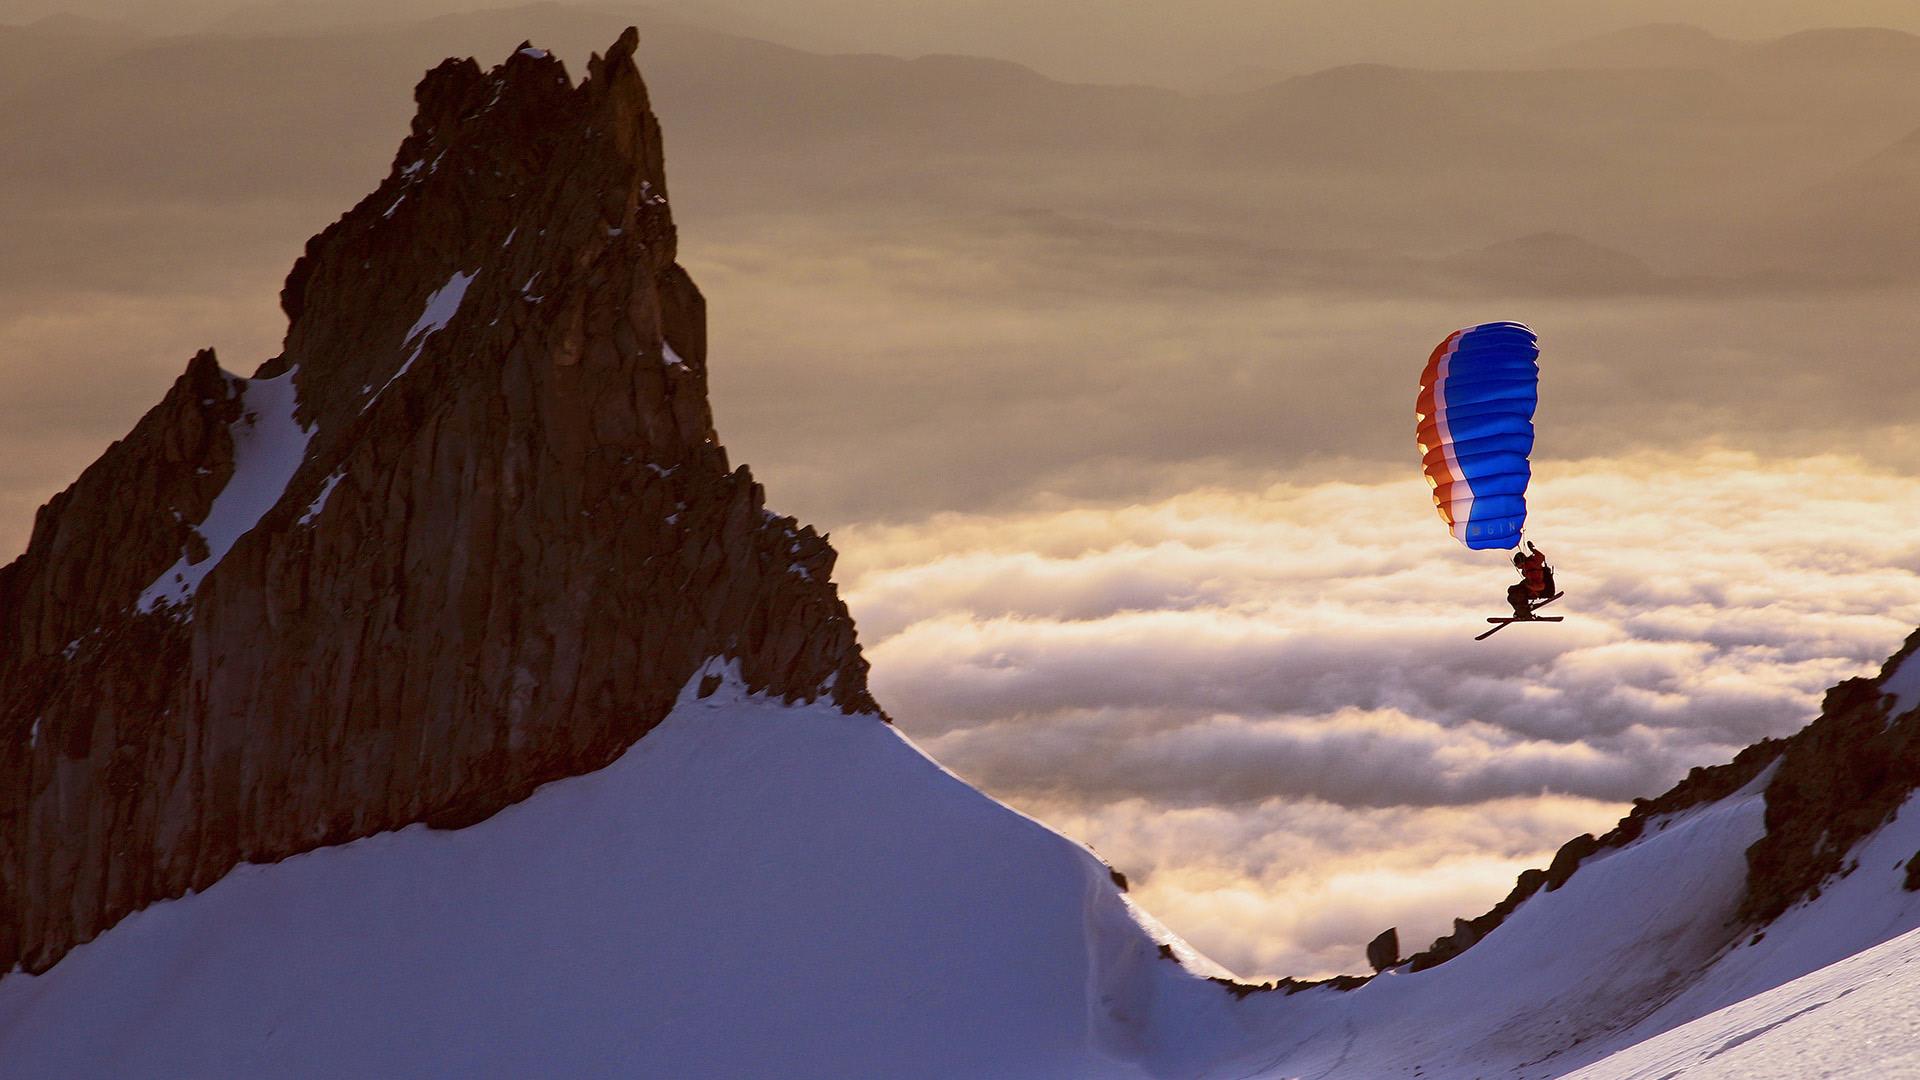 「スキーパラグライダー」米国オレゴン州, フッド山 (© Richard Hallman/DEEPOL by plainpicture)